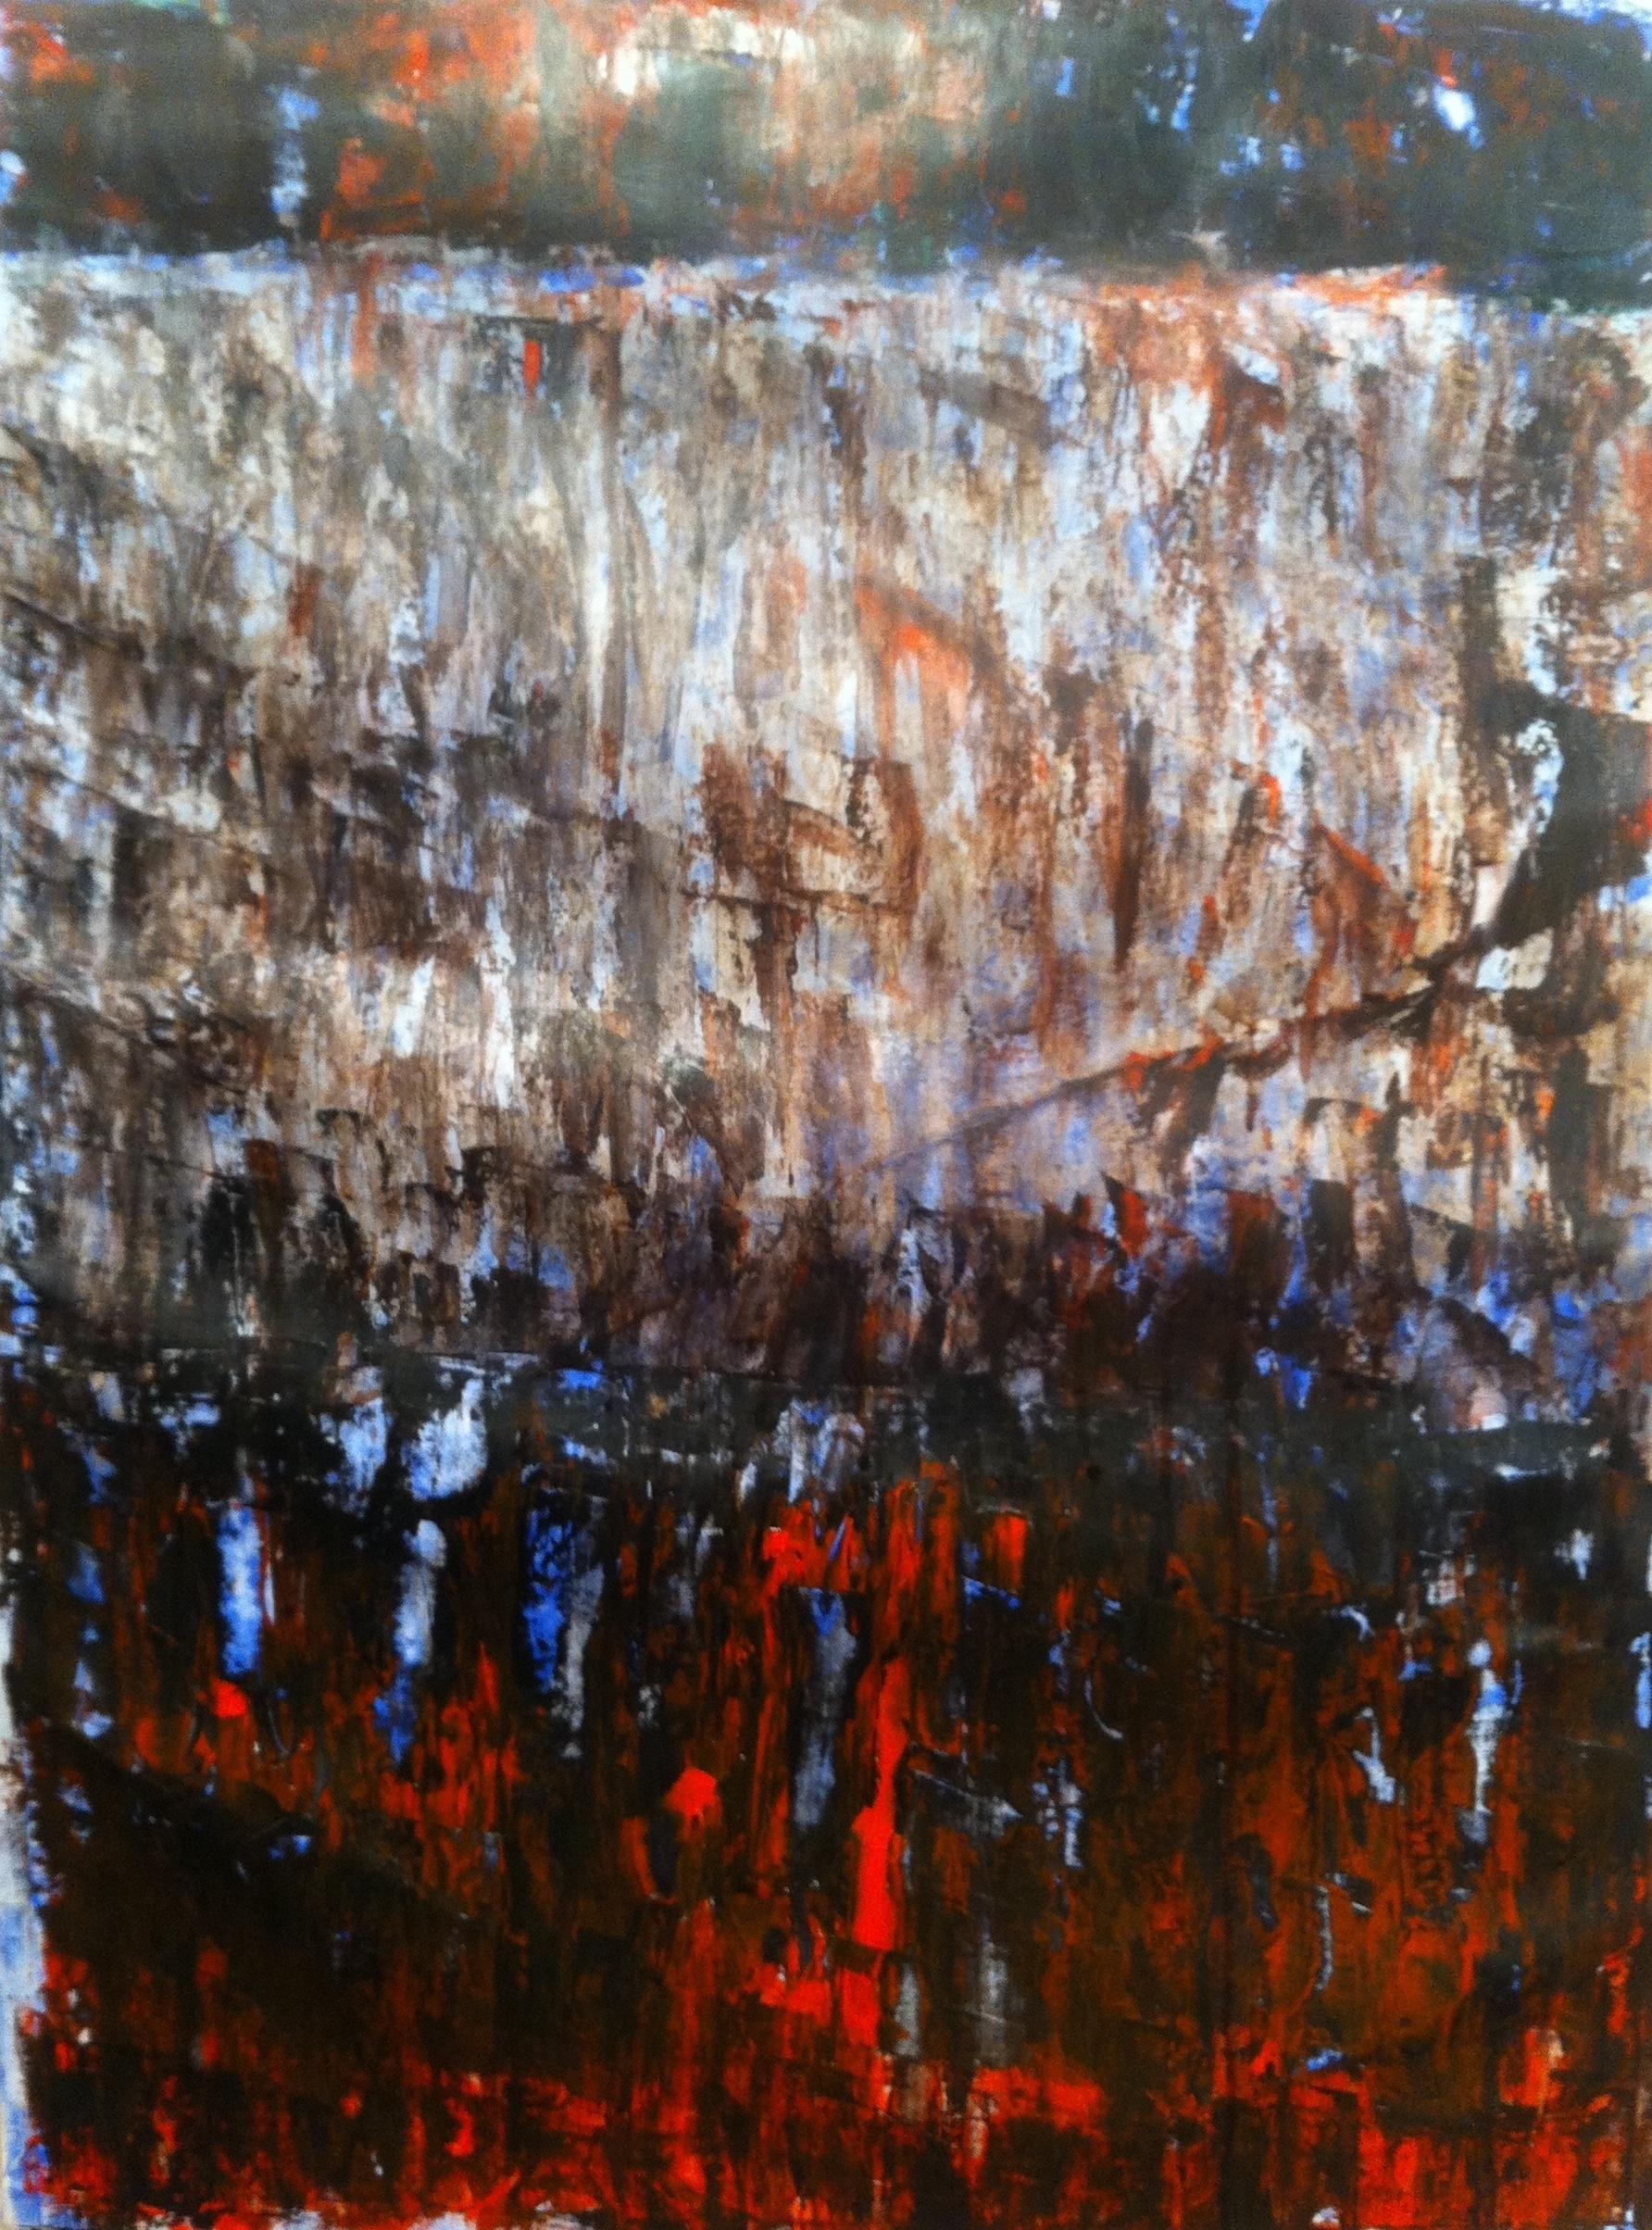 N° 1042 - Cascade vitrail - Acrylique sur papier - 74 x 53,5 cm - 13 janvier 2014